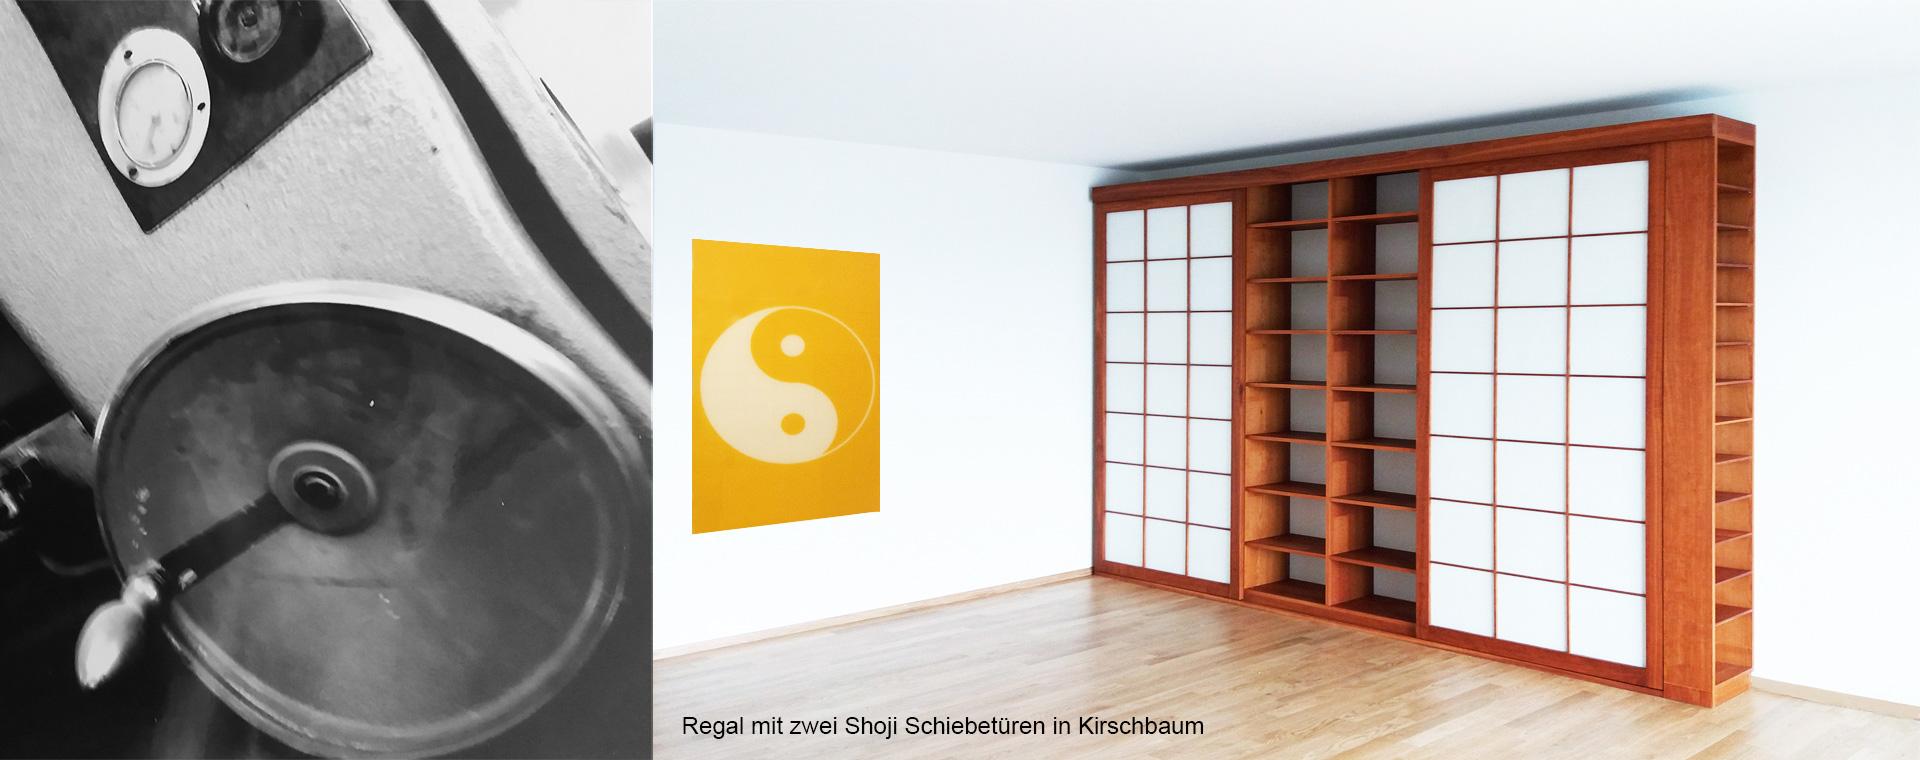 Regal mit Schiebetüren Shoji und Yin Yang Bild